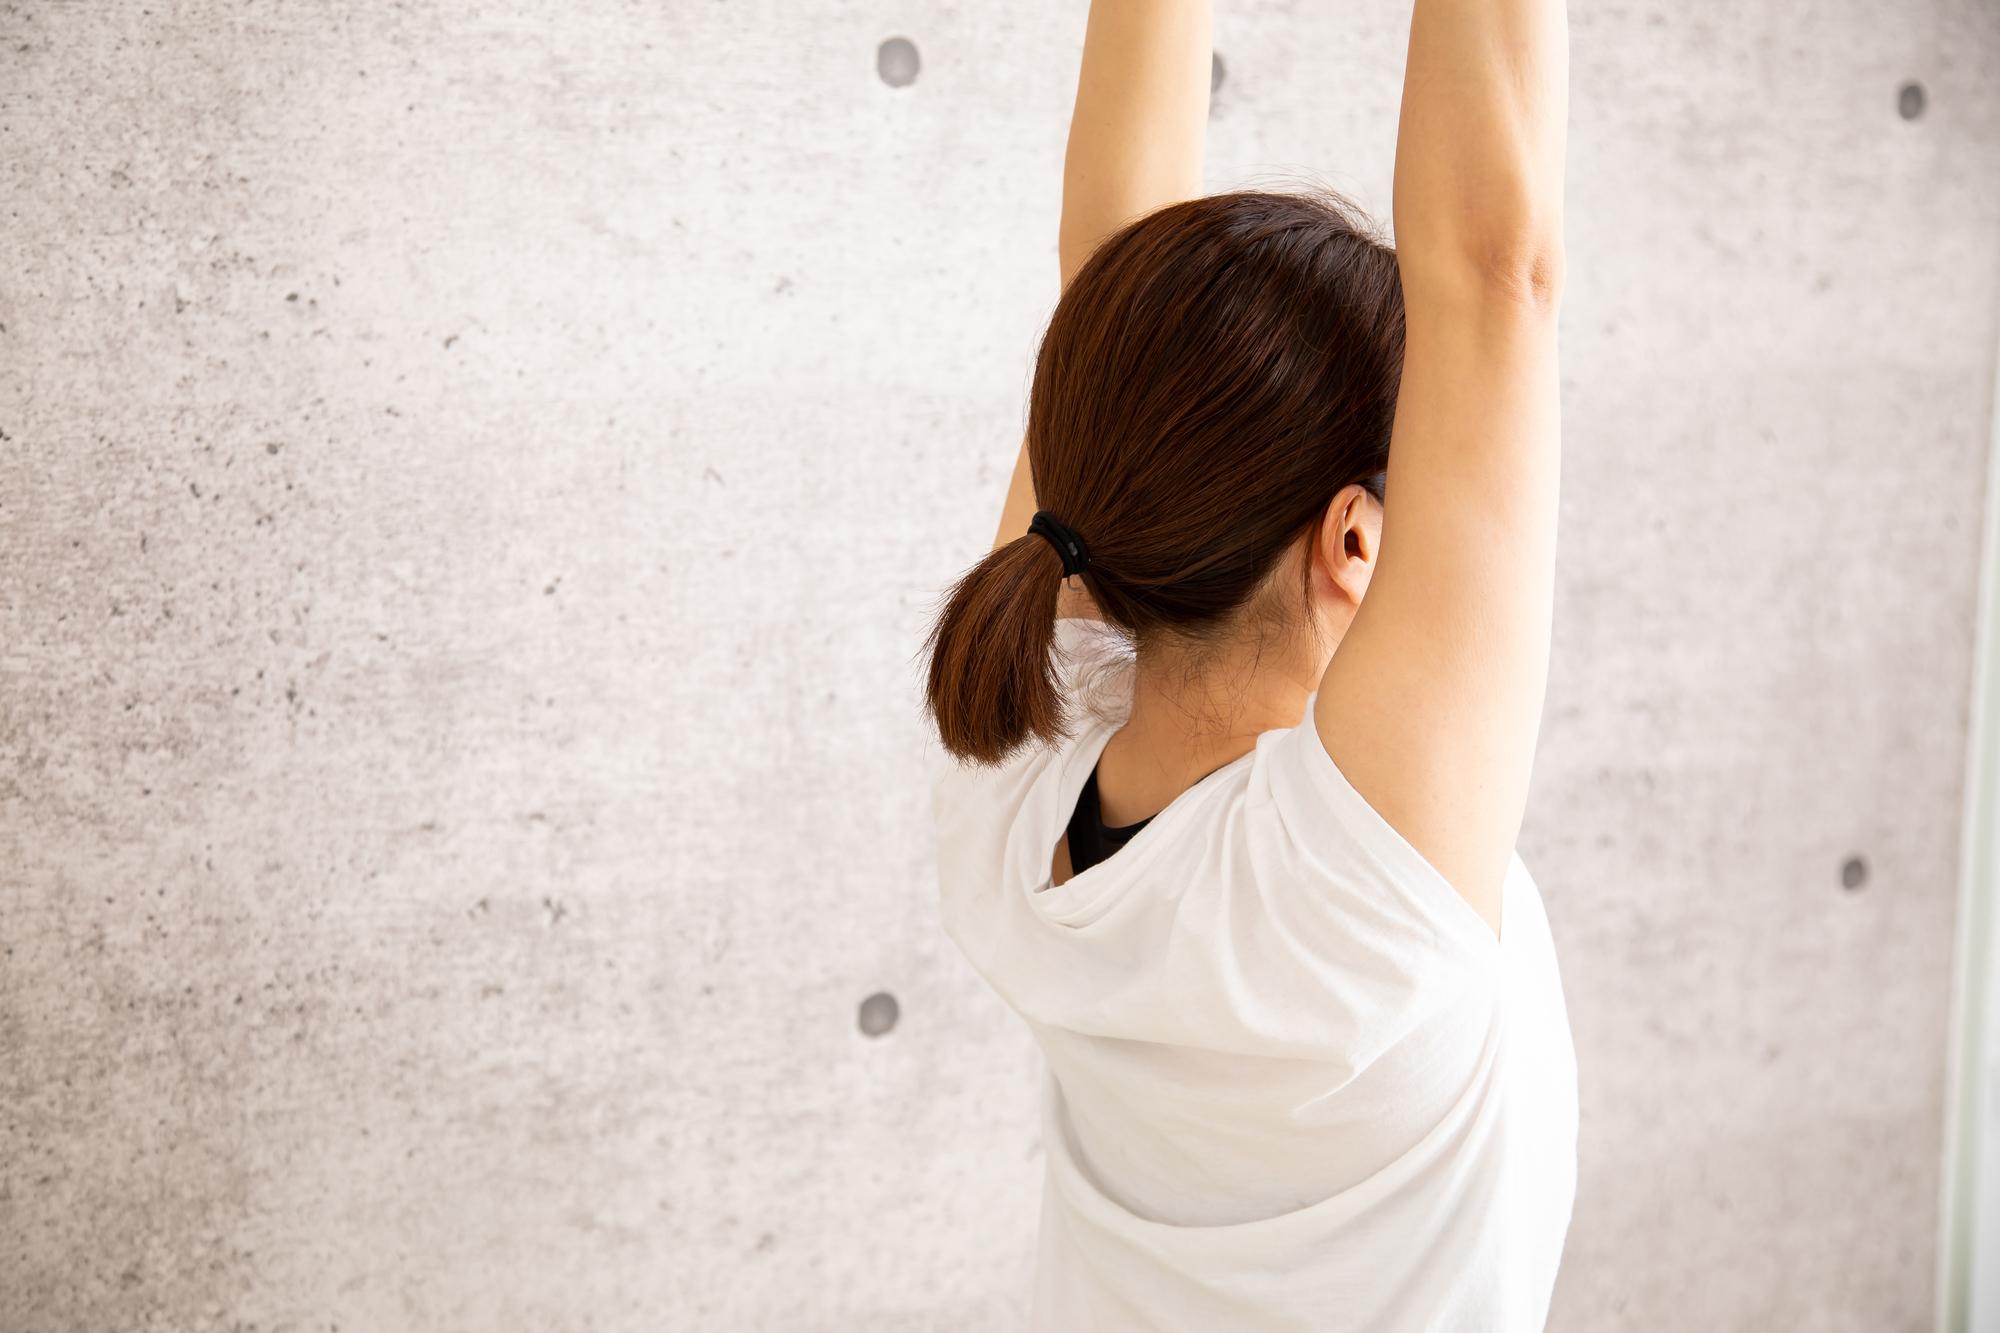 背中のコリをすぐに解消! 理学療法士直伝ストレッチ | ハルメク美と健康